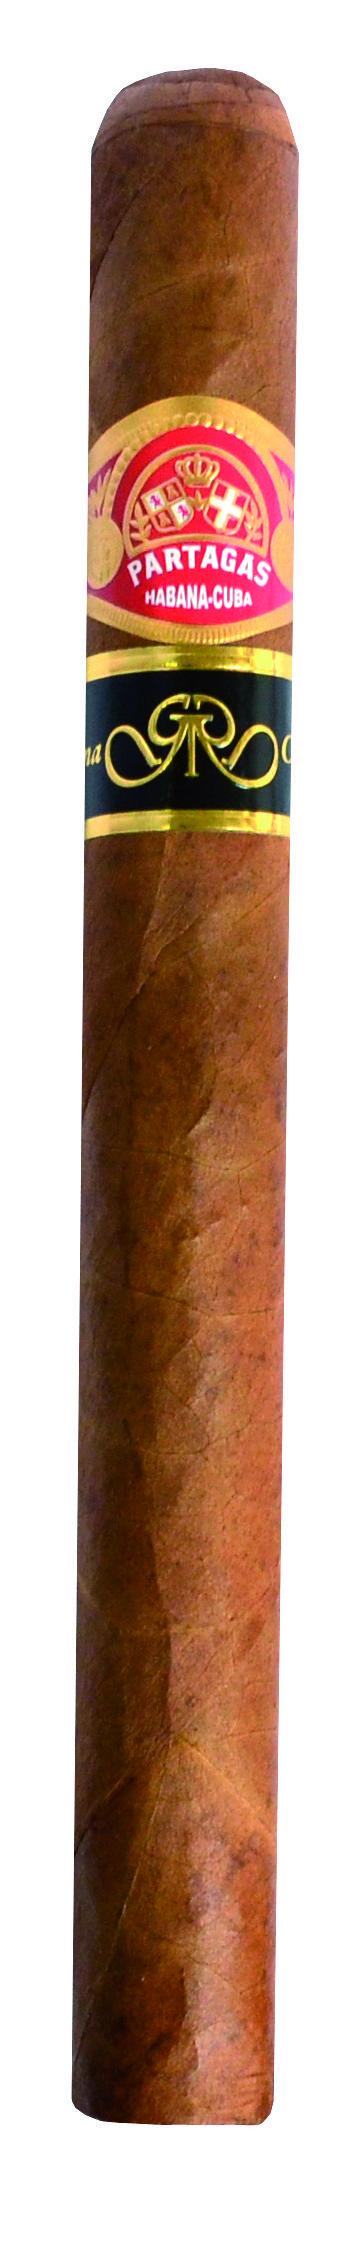 Habanos Best Cigars - Partagas-Lusitanias